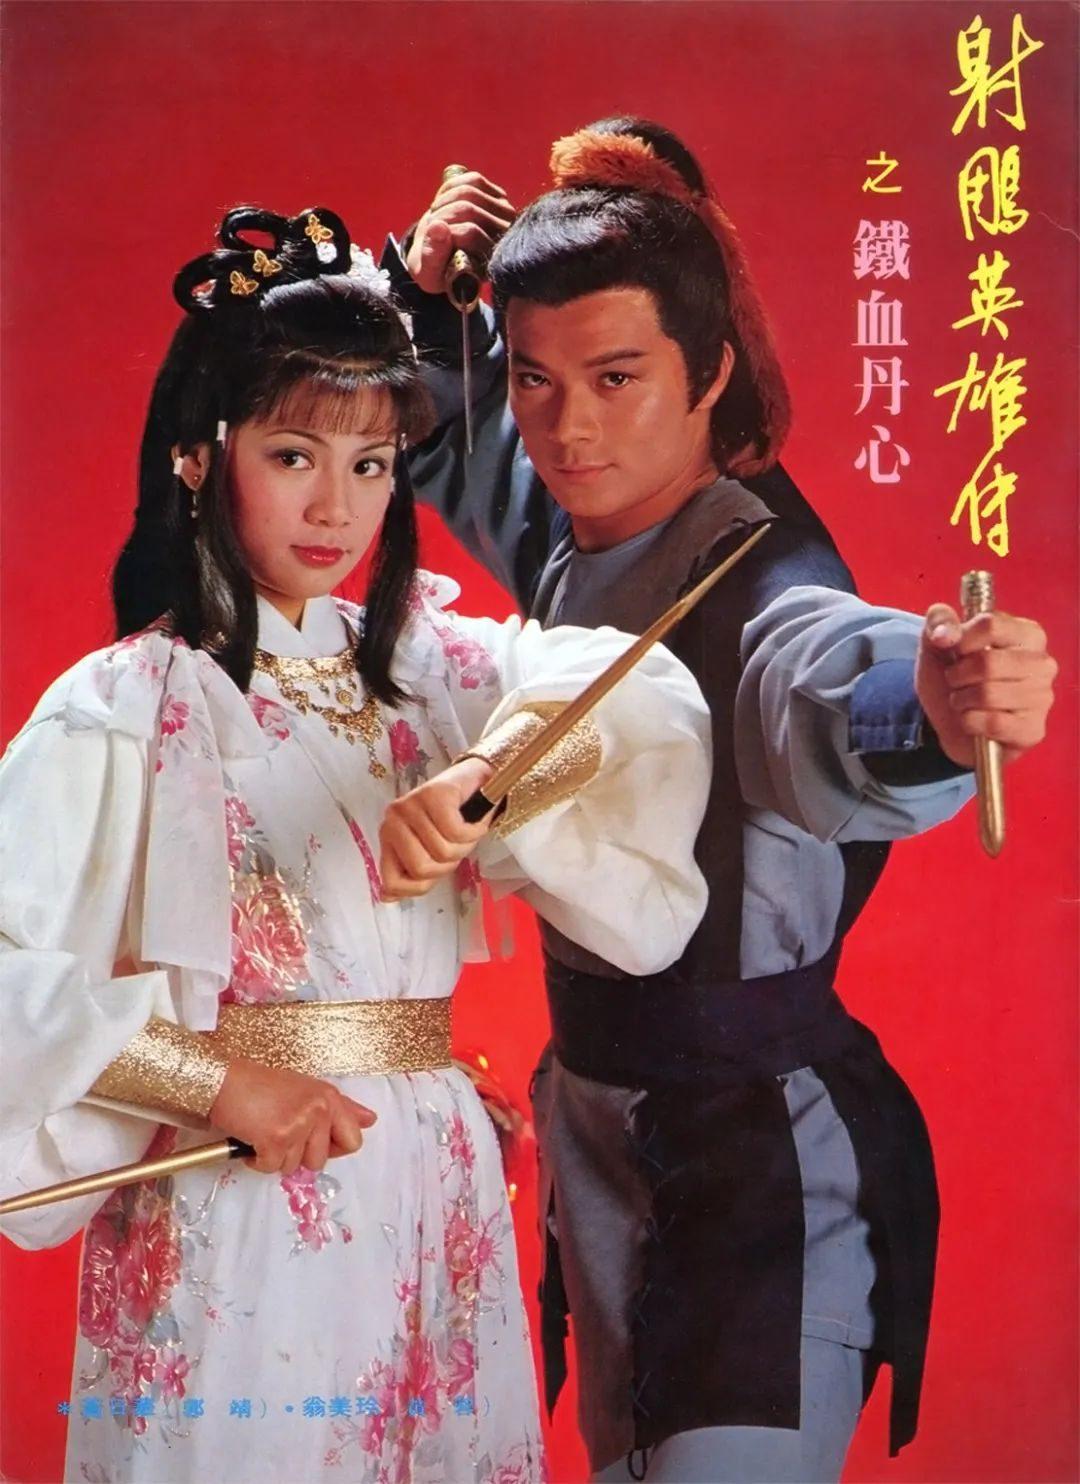 83黃日華版的《射雕英雄傳》除了系列和主題曲之外是無法超越的。